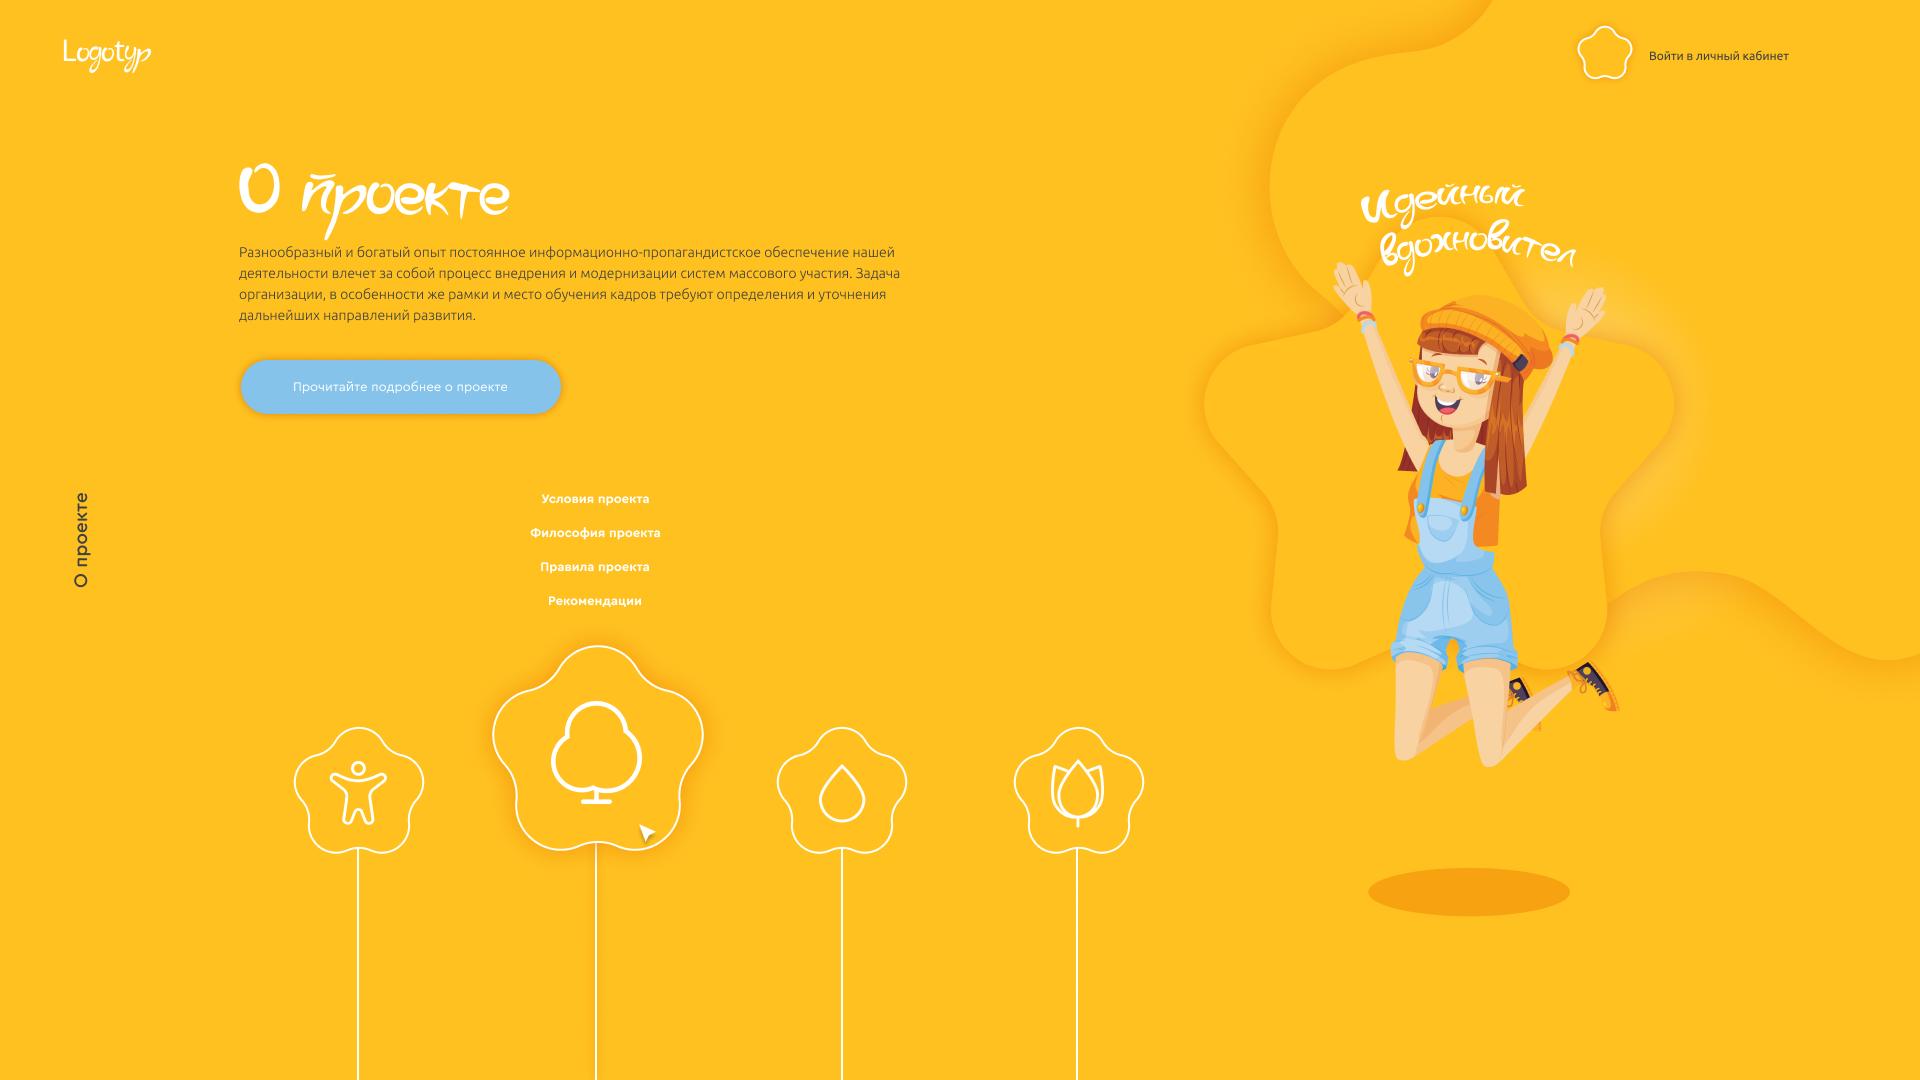 Креативный дизайн внутренней страницы портала для детей фото f_3115cfcb2446350a.png